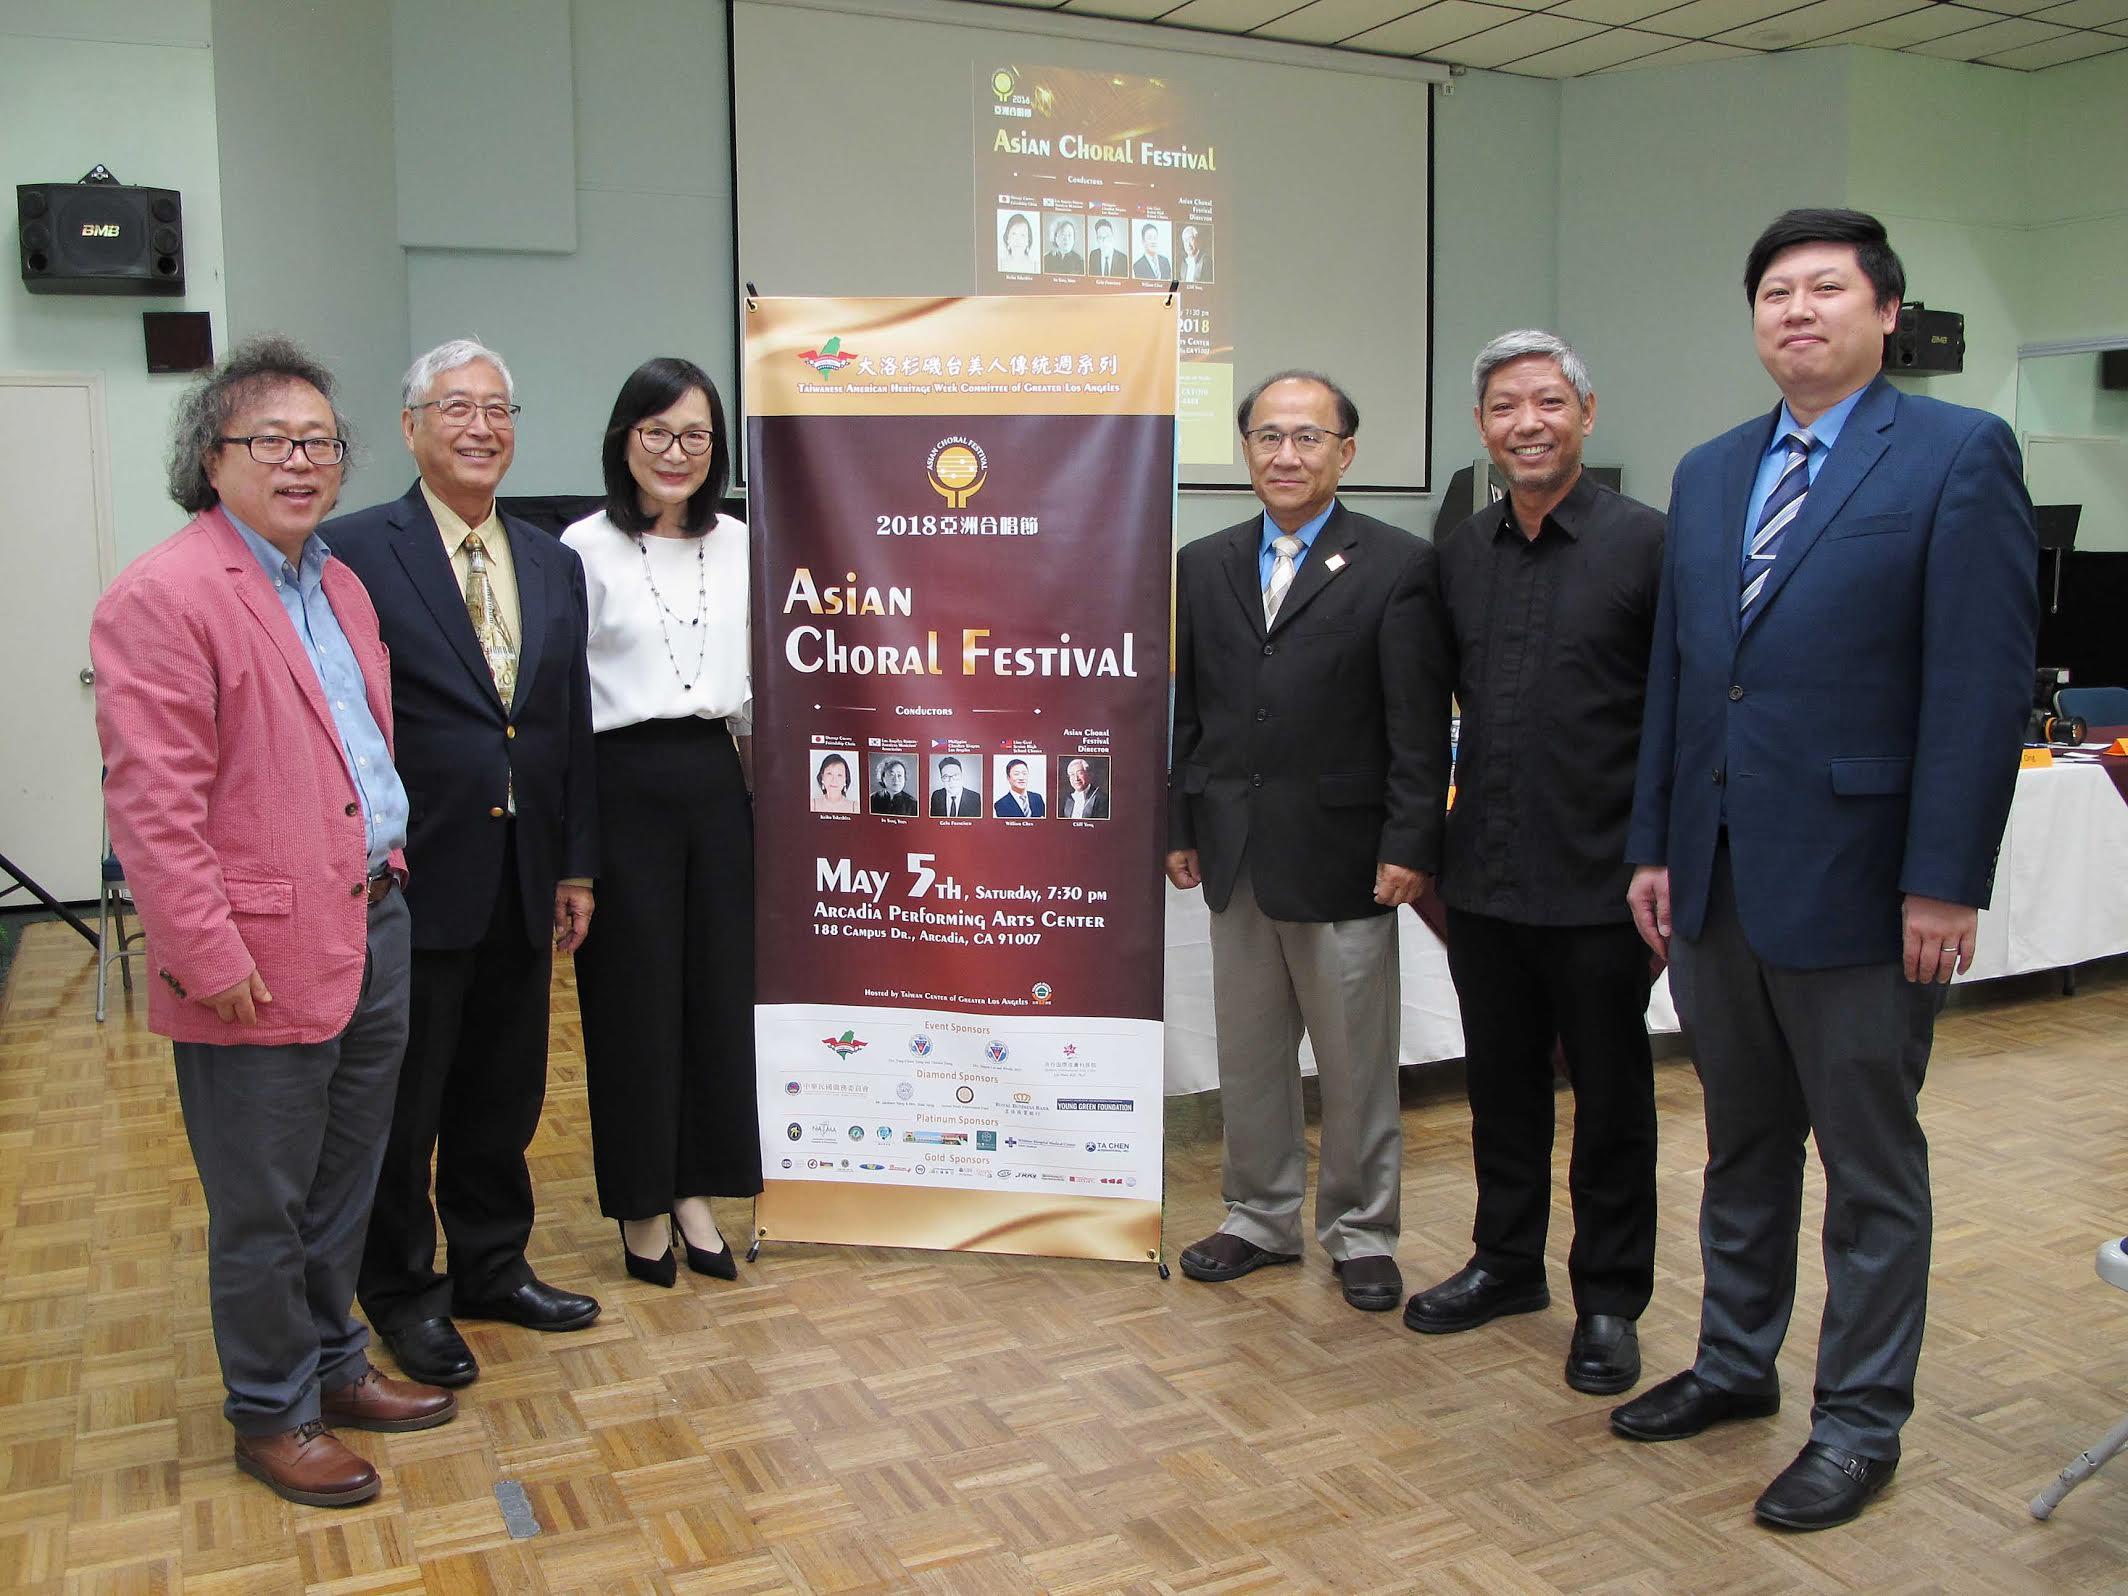 2018 Asian Chral Festival